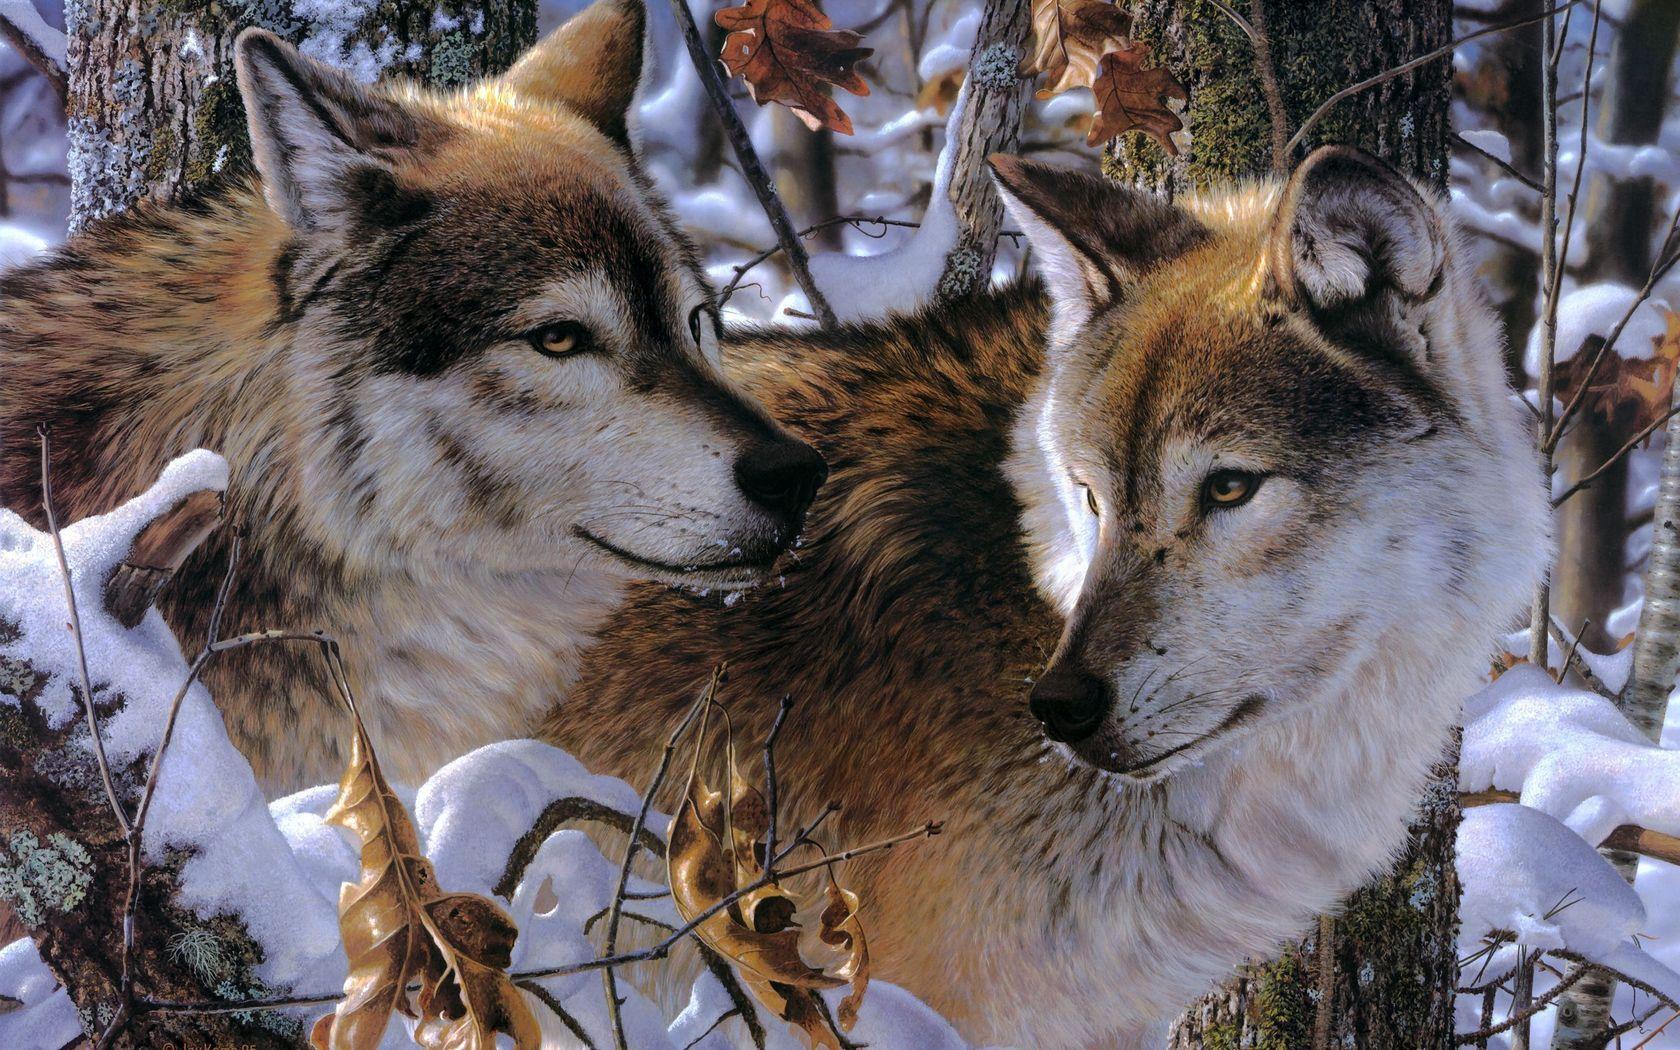 117887 Hintergrundbild herunterladen Wölfe, Tiere, Bäume, Schnee, Paar, Raubtiere, Treue, Anhang, Zuneigung - Bildschirmschoner und Bilder kostenlos